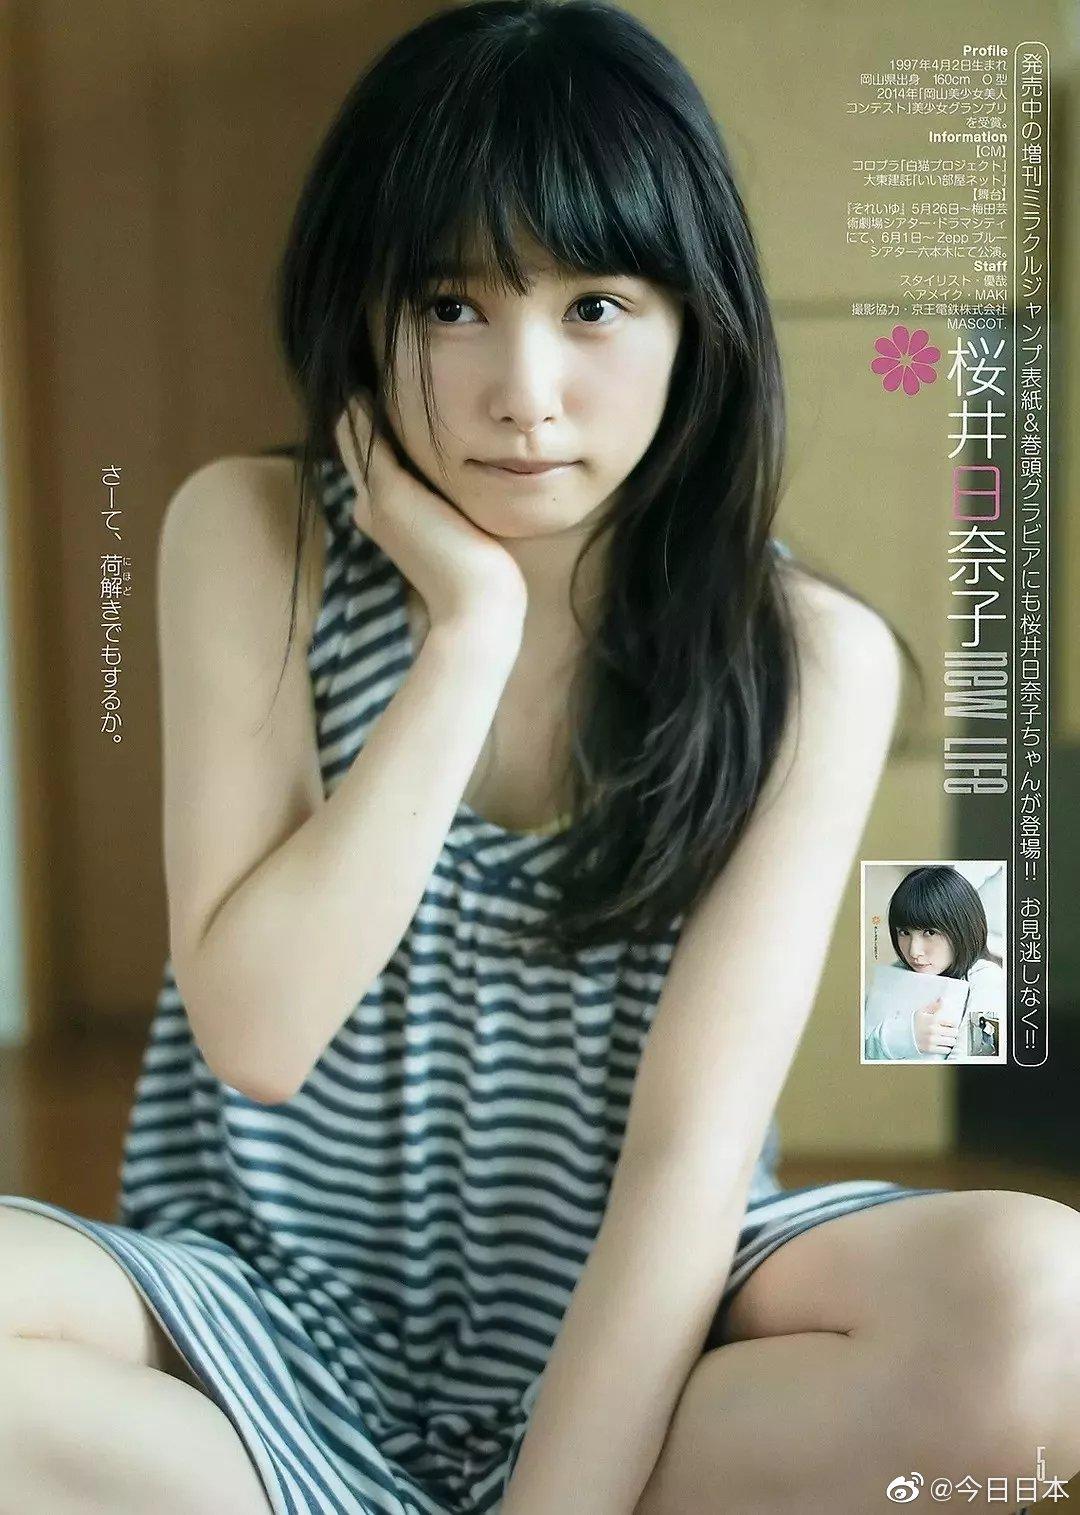 日本那些被评为整形范本的女艺人,你最喜欢哪位的颜呢?